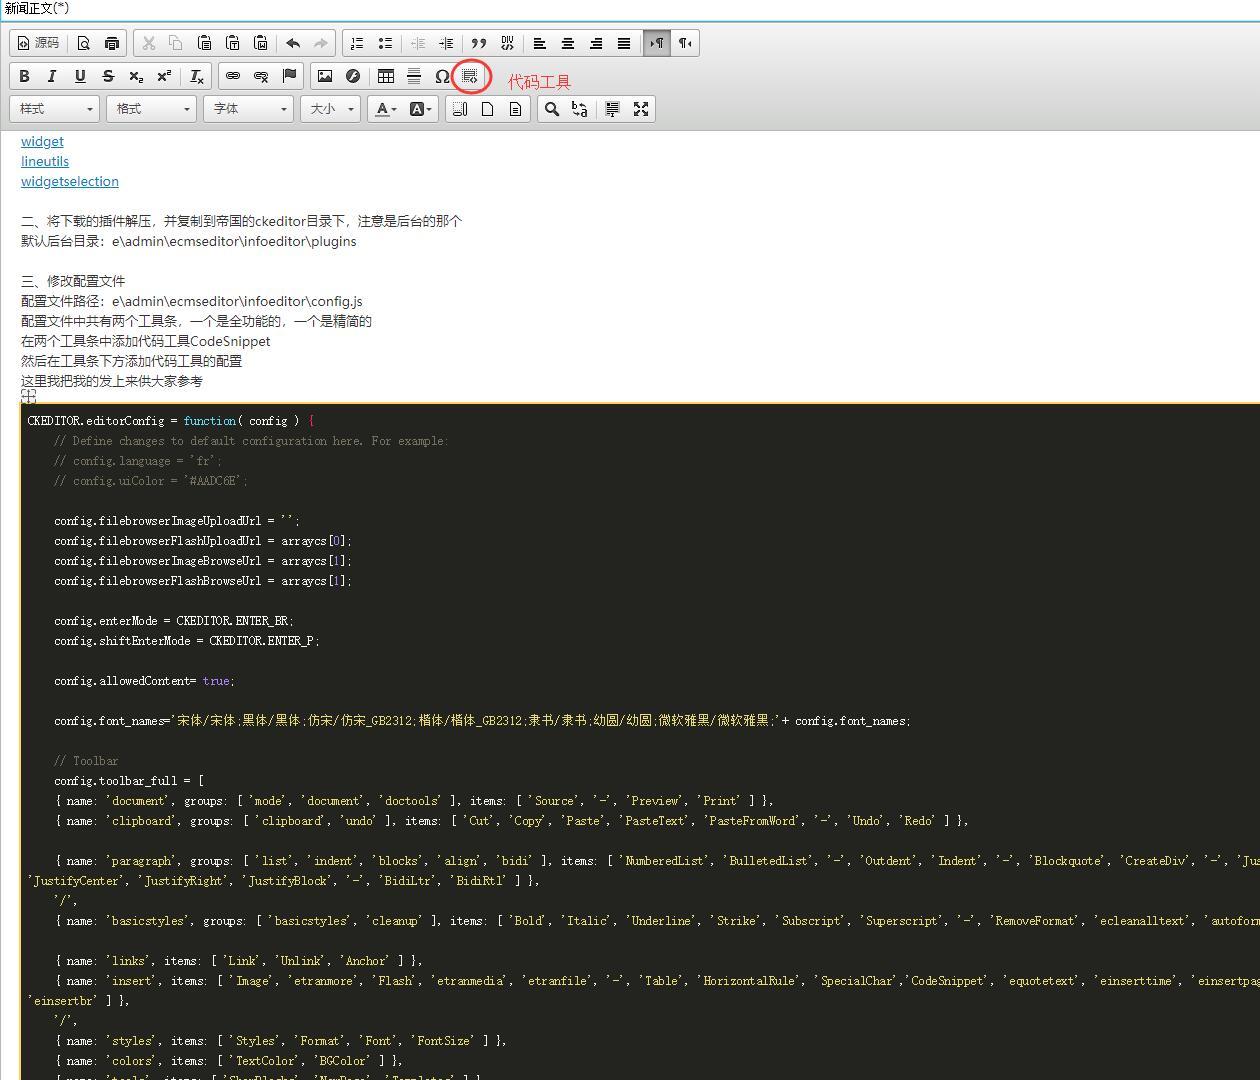 帝国ECMS7.5默认编辑器添加代码高亮